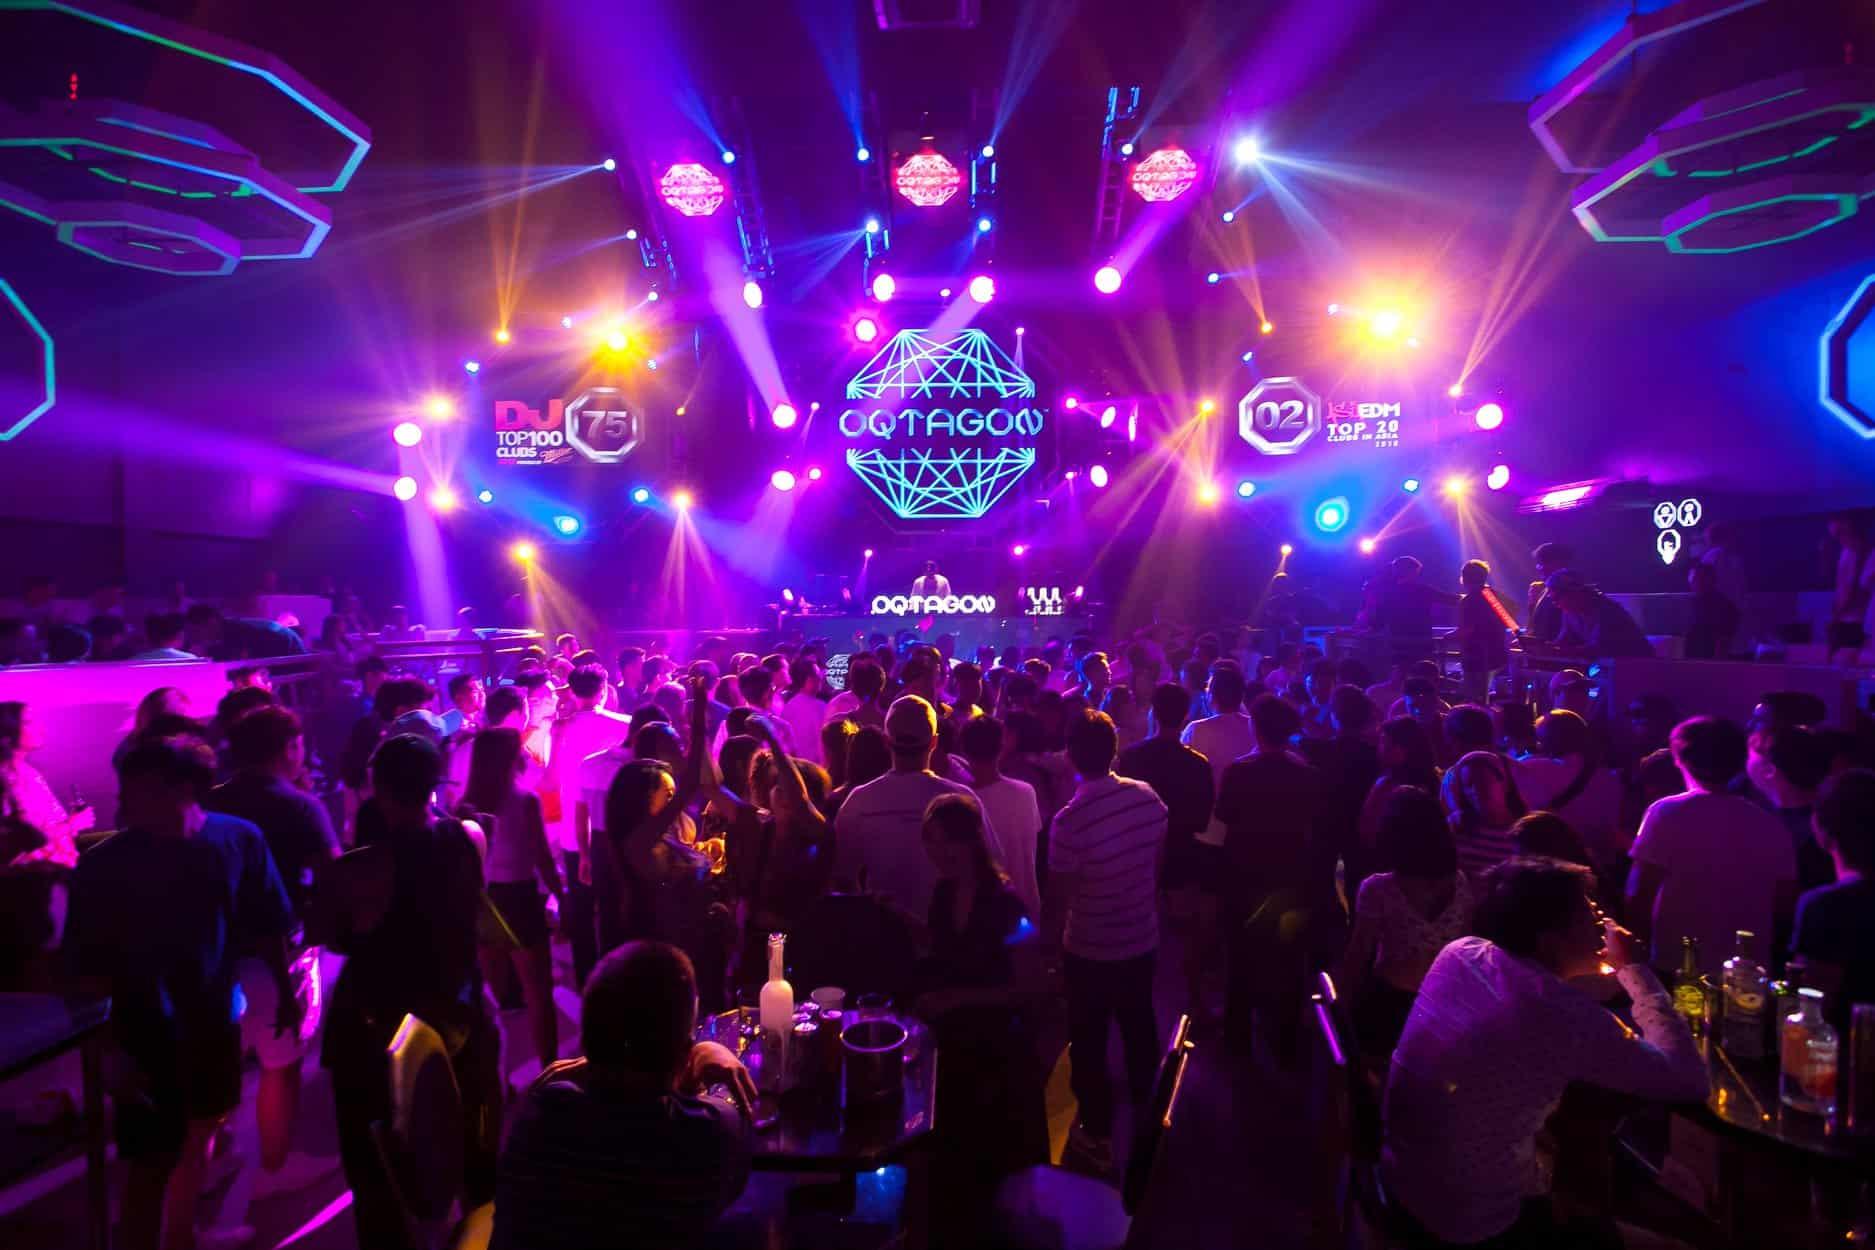 Oqtagon Club Cebu (1)